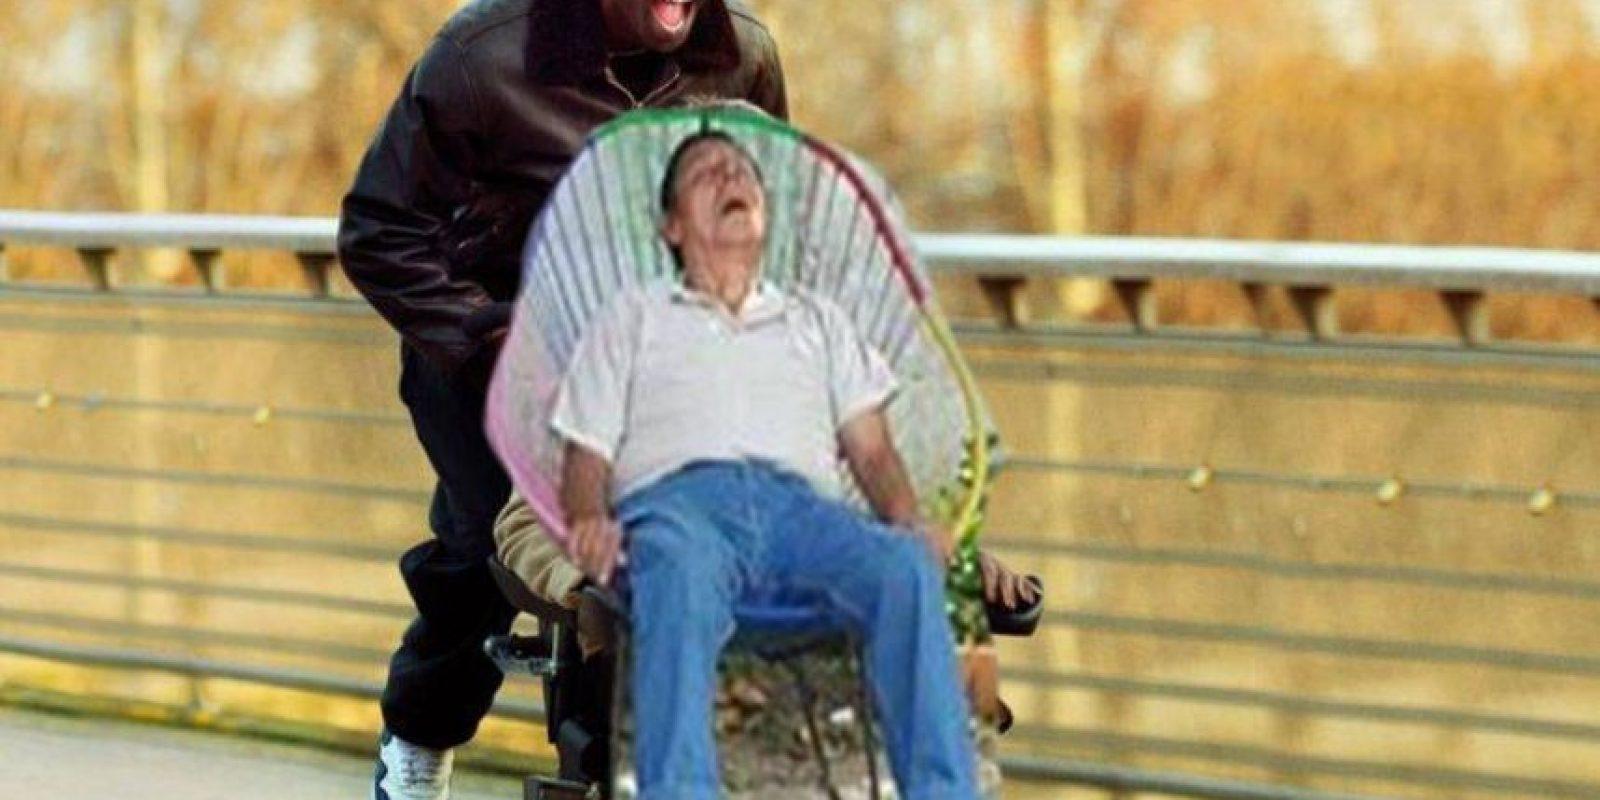 Los usuarios colocaron al señor en las situaciones mas raras Foto:Especial